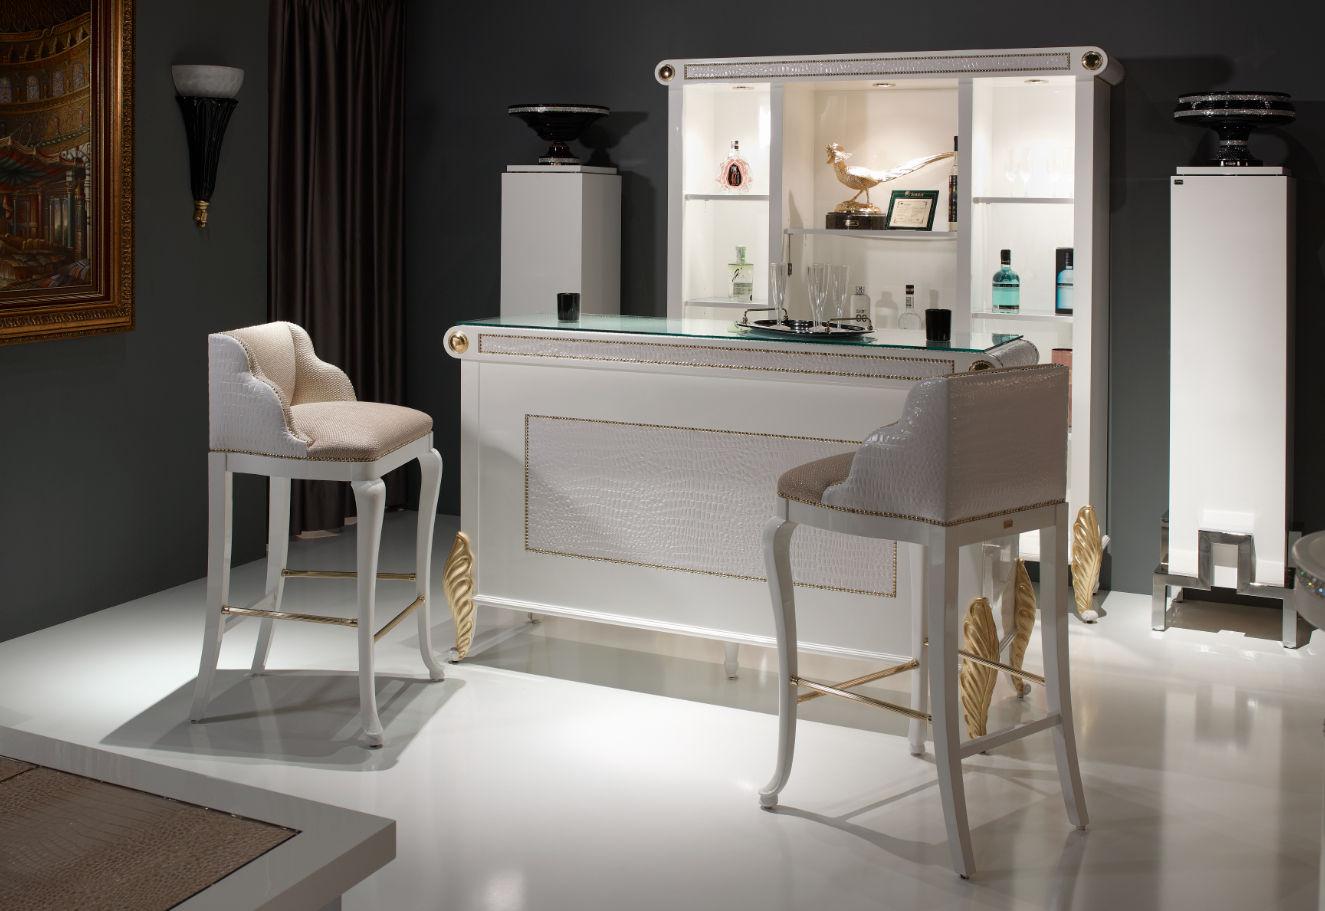 meuble bar design nouveau baroque / en bois laqué - 09e - soher - Meuble De Bar Design